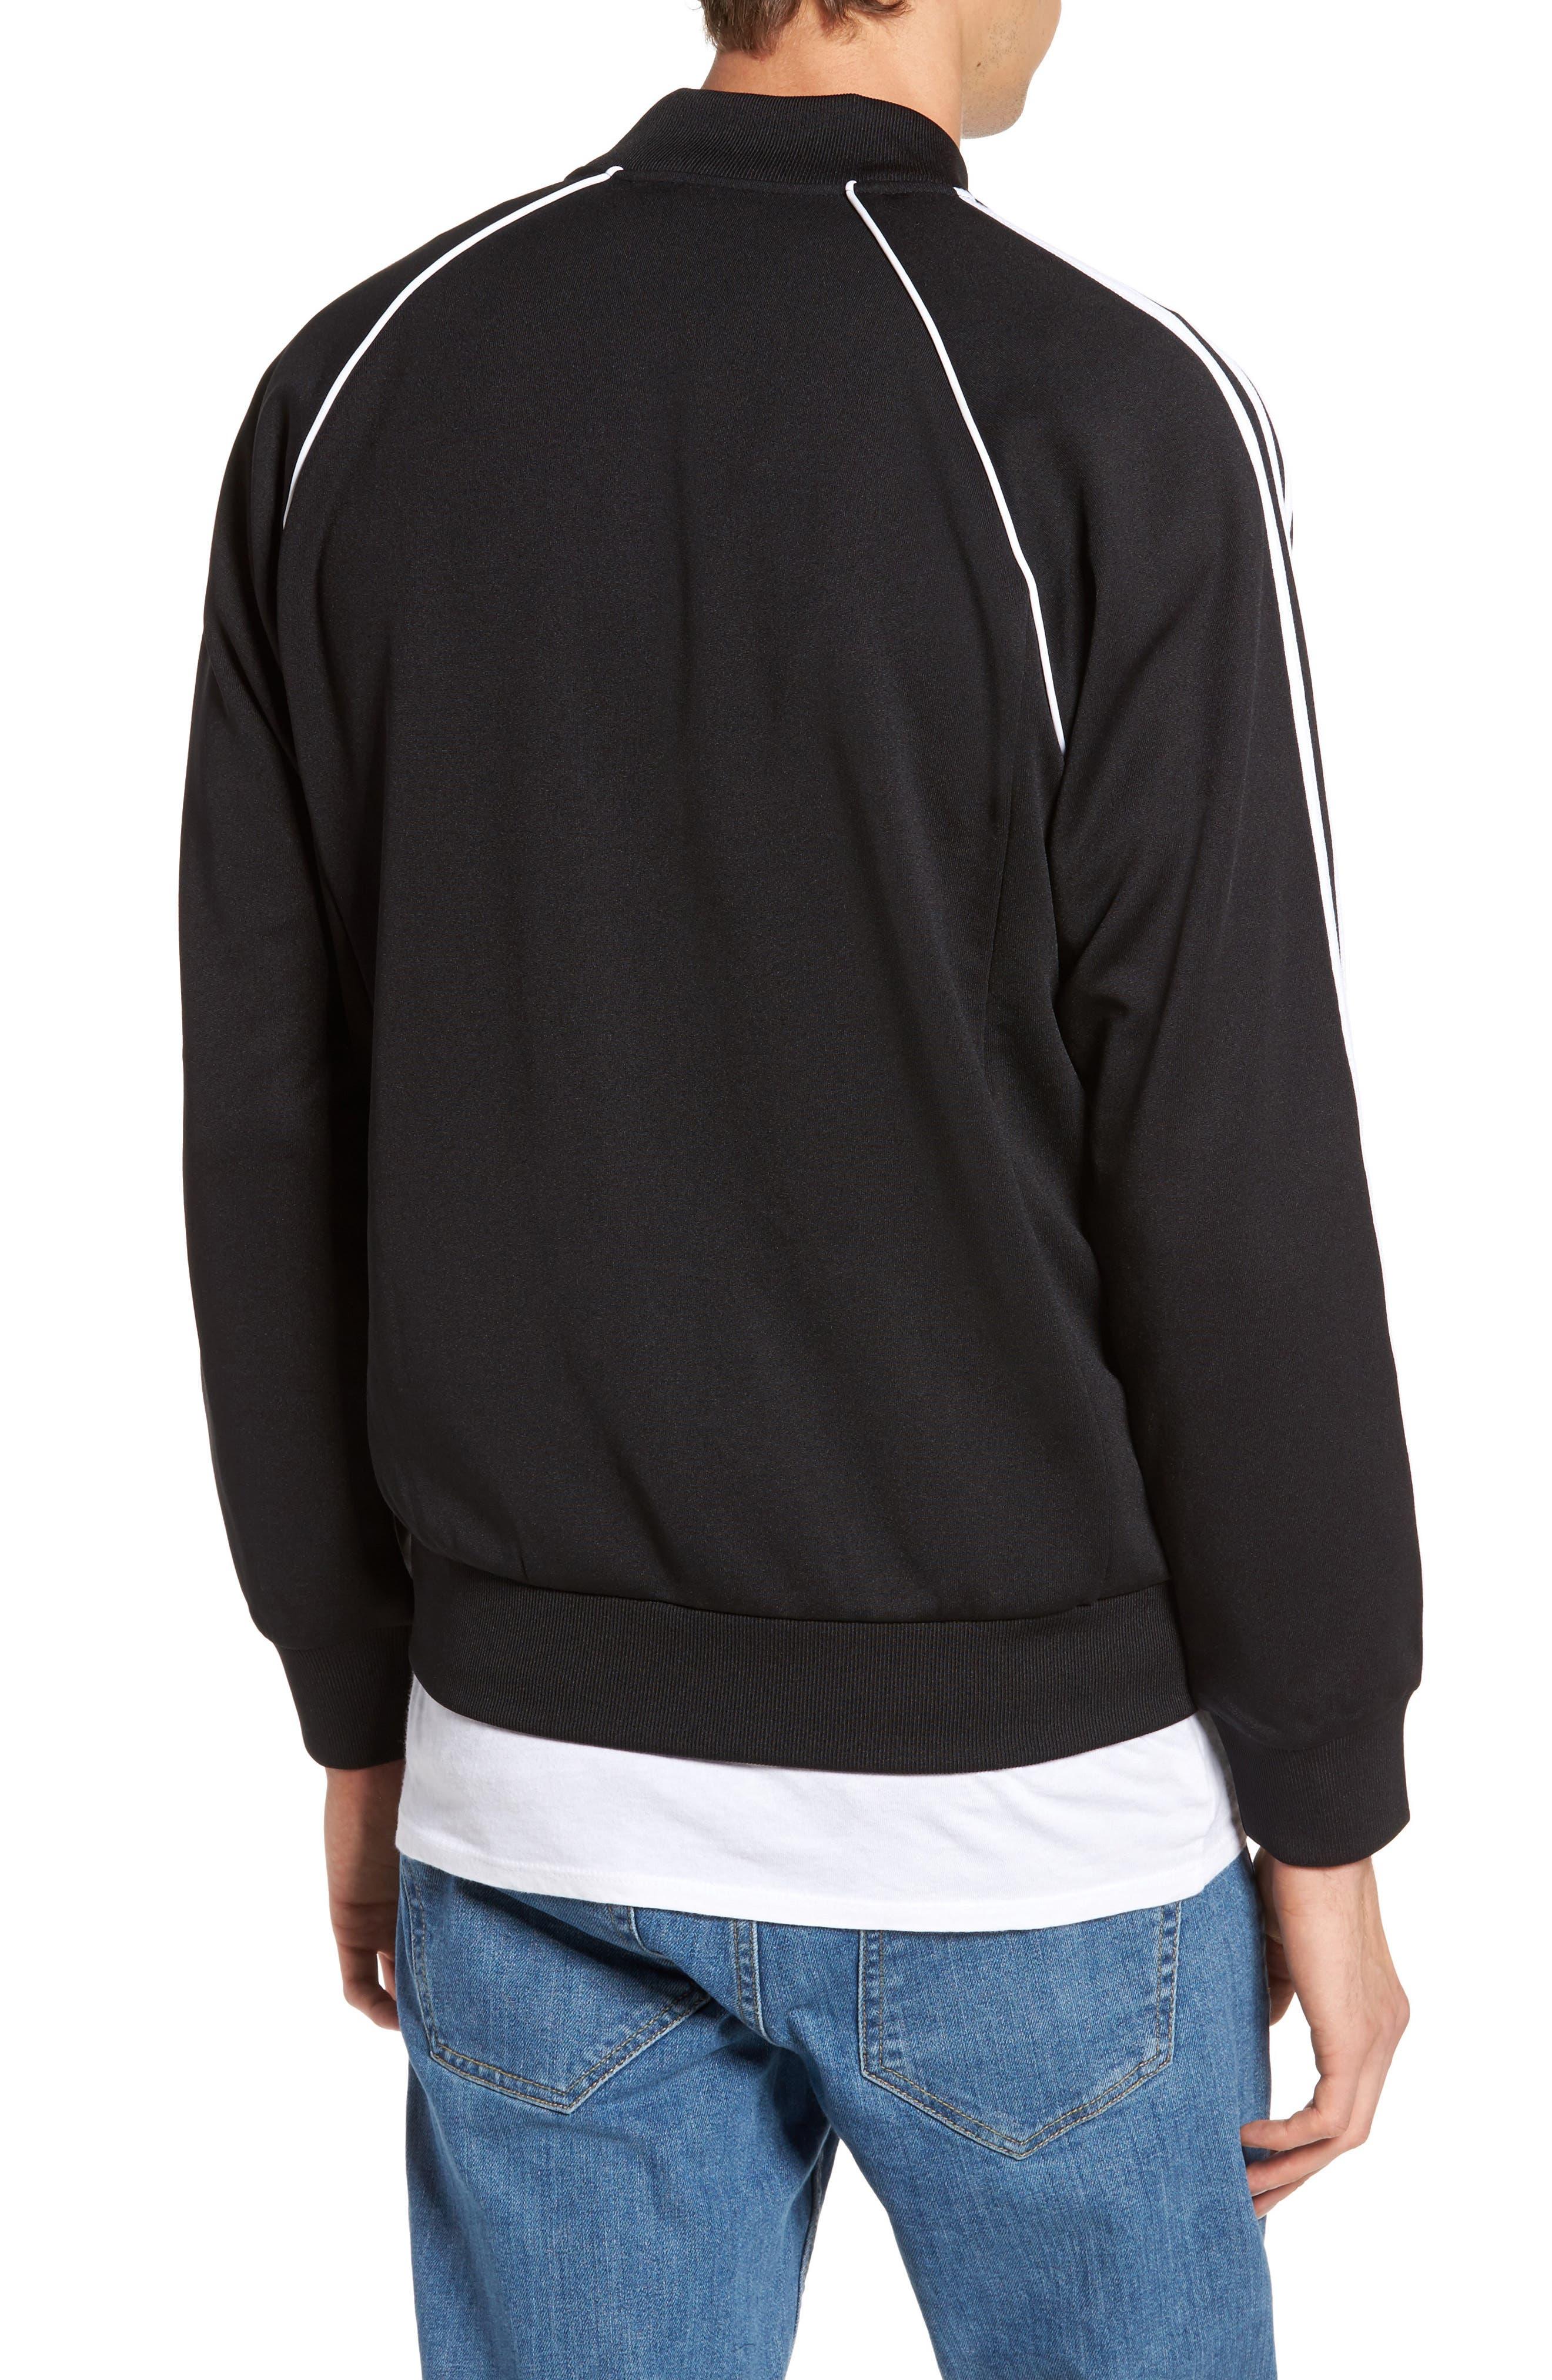 SST Track Jacket,                             Alternate thumbnail 2, color,                             Black